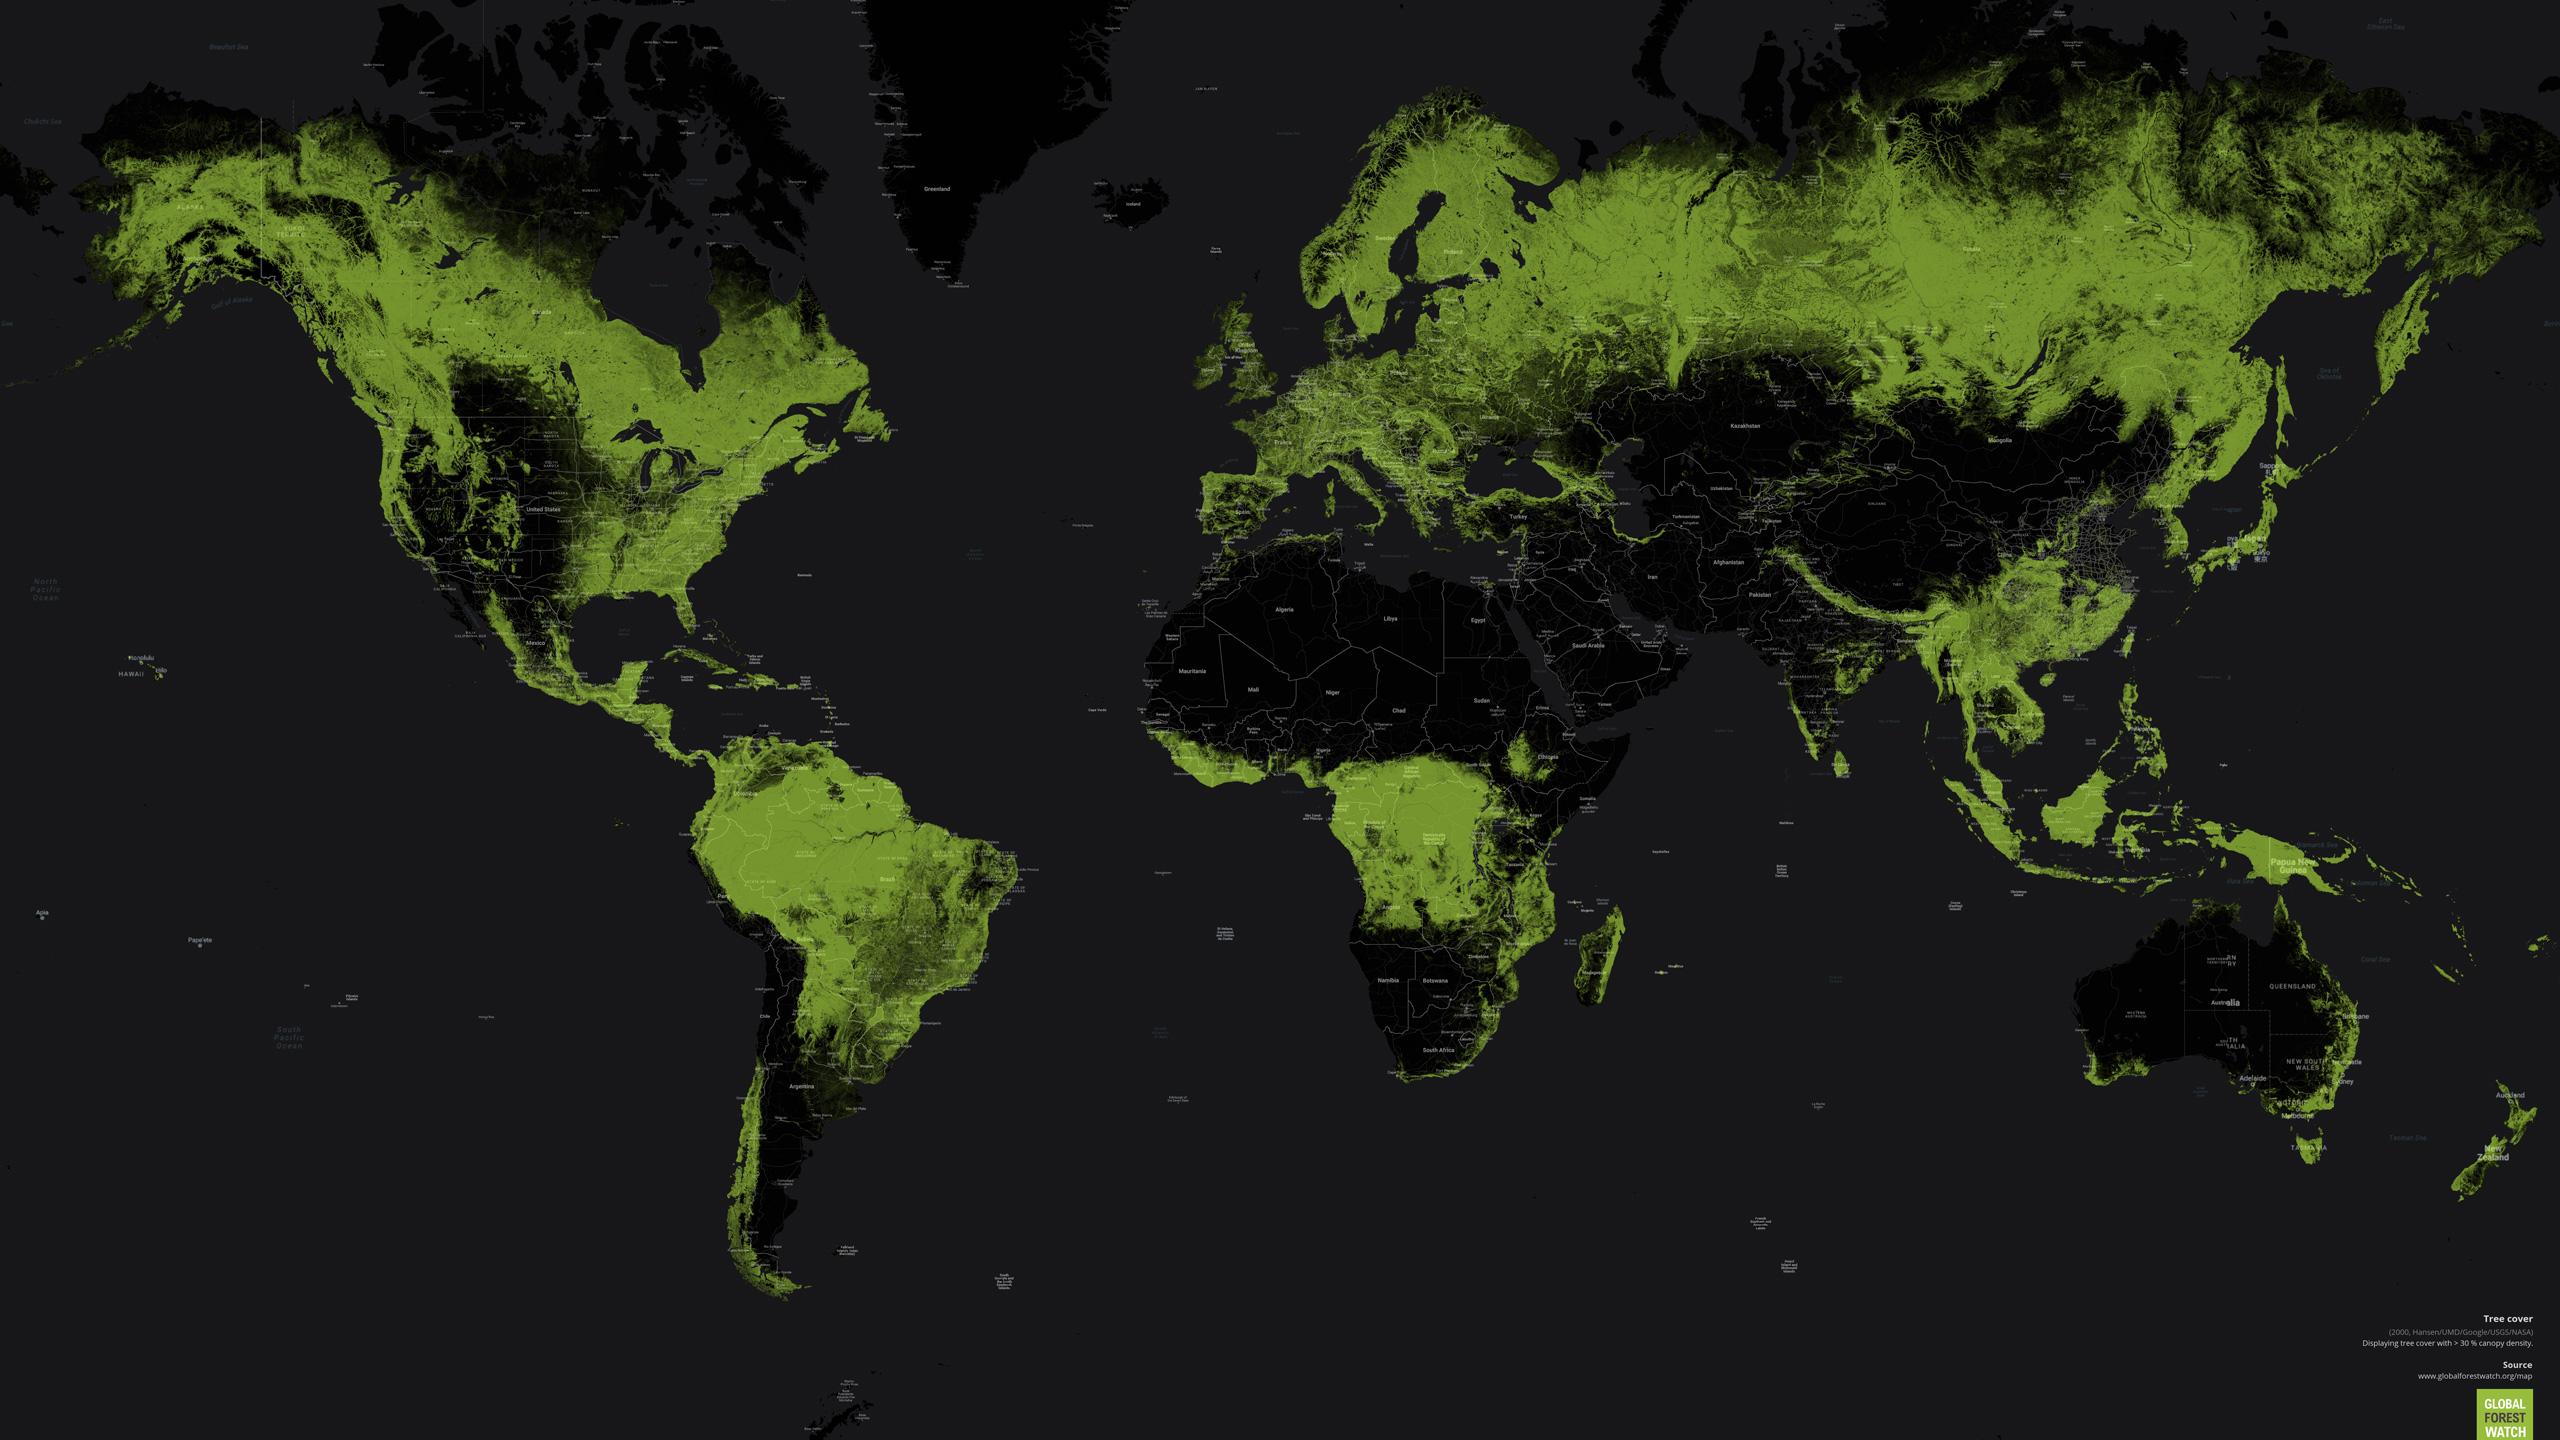 Einfluss auf die Wälder der Welt